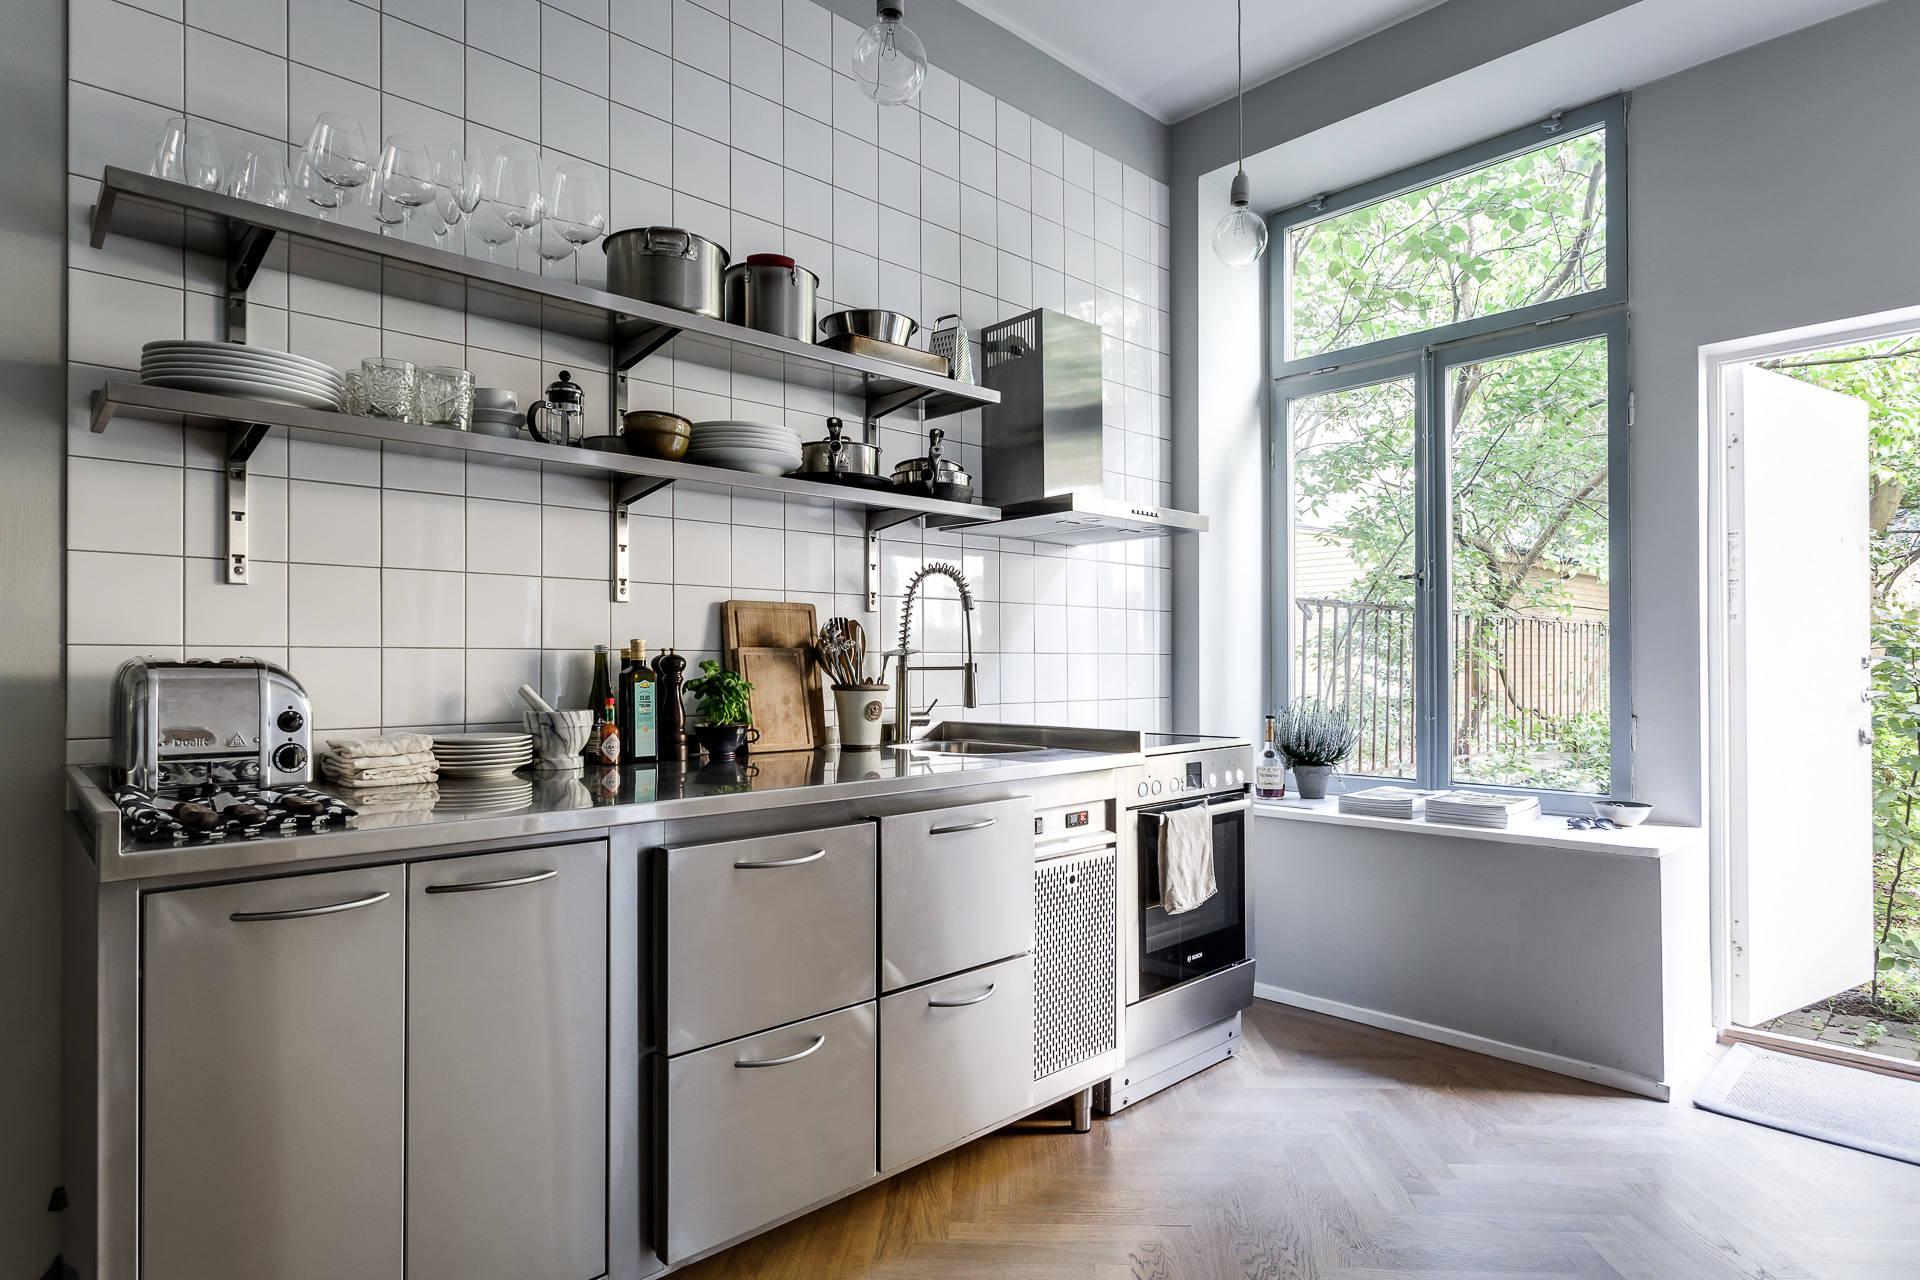 Pequeña cocina inspirada en una profesional - Blog tienda decoración ...